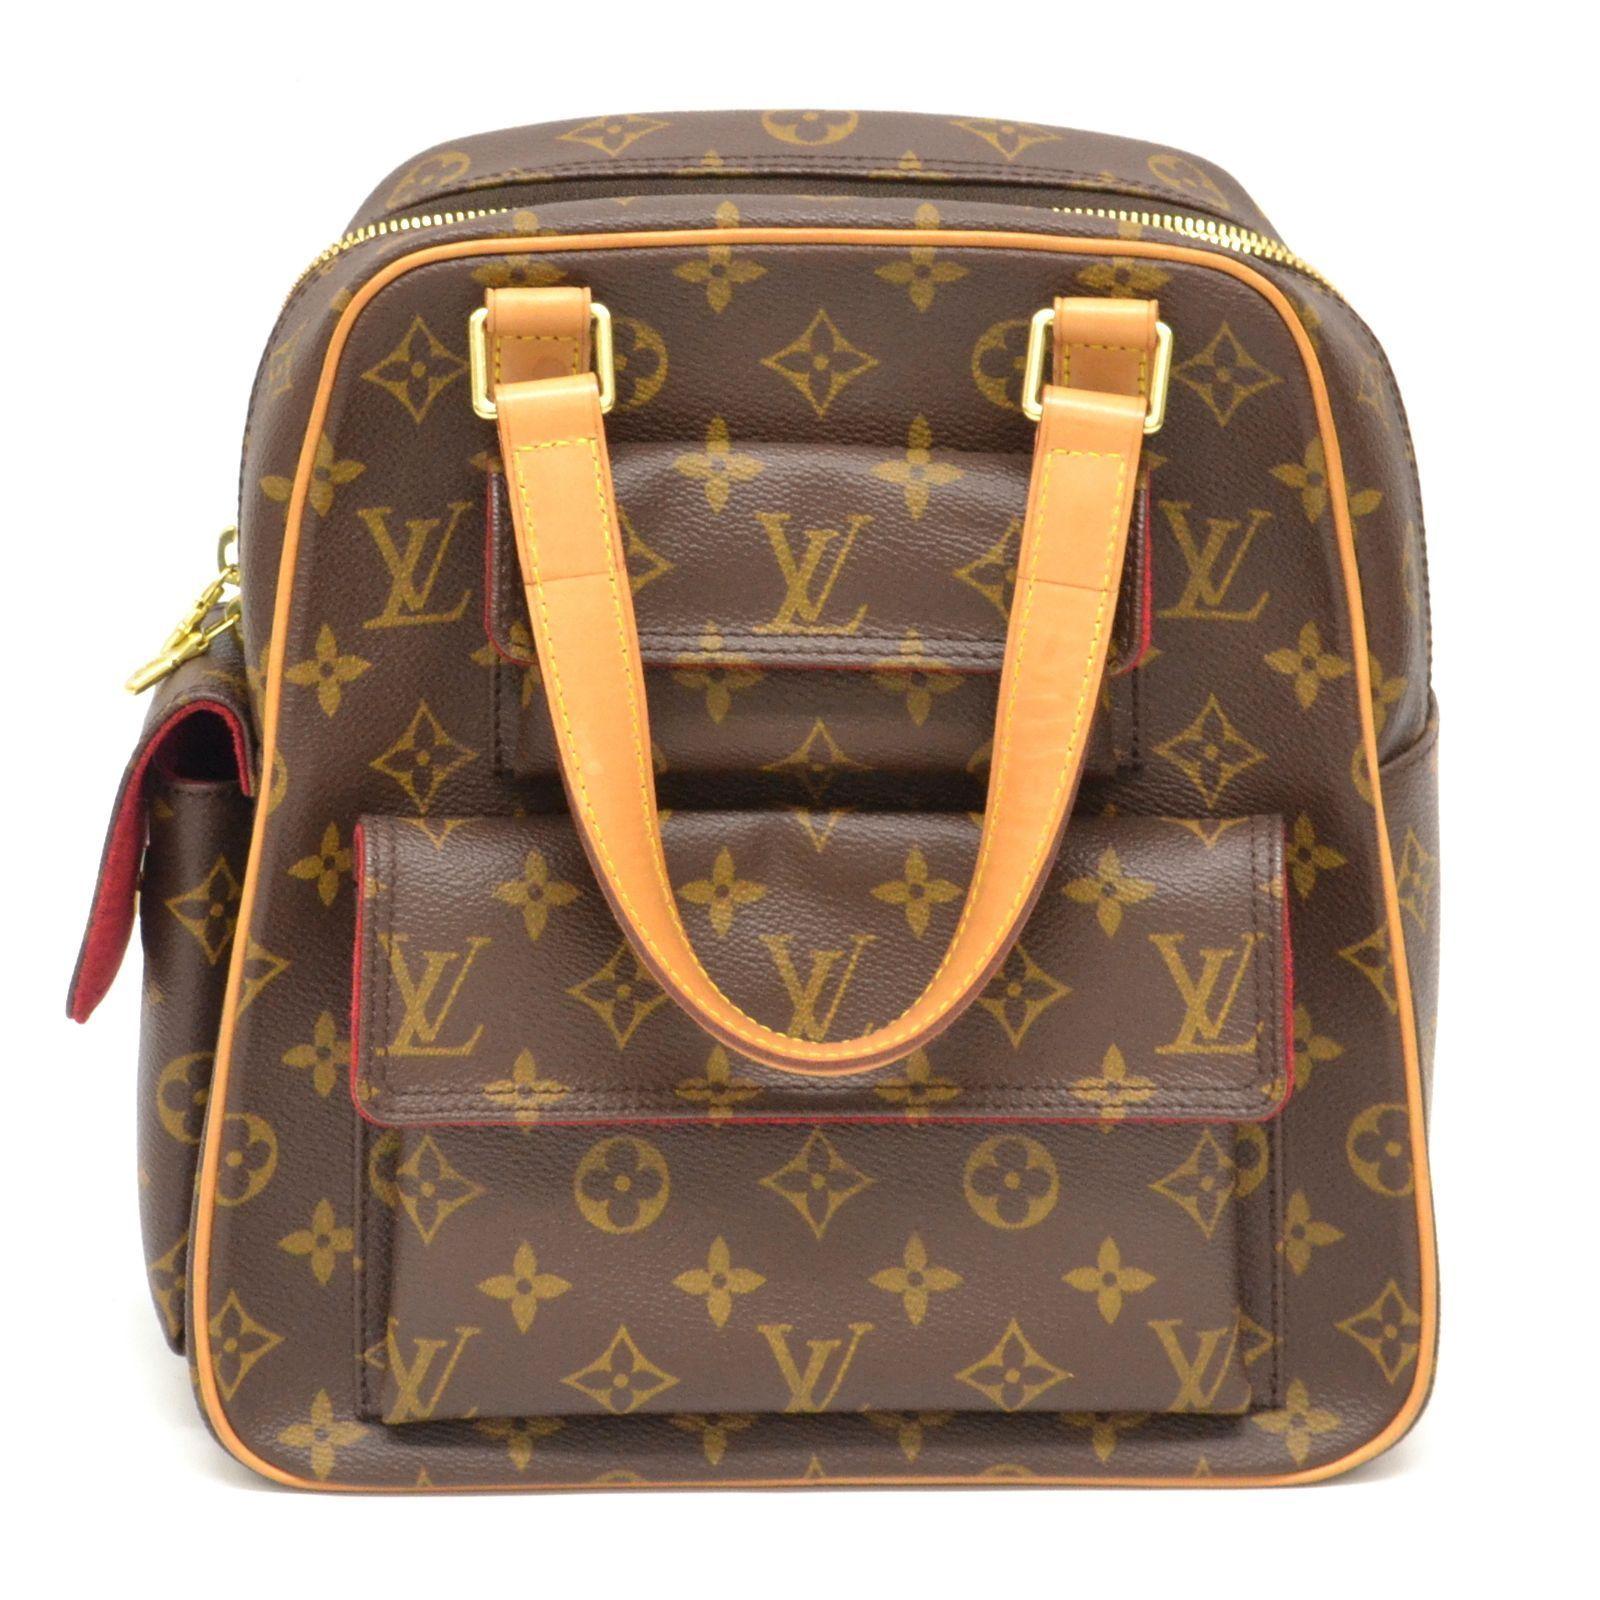 60b88469c Louis Vuitton Monogram Excentri Cite Handbag - Luxurylana Boutique